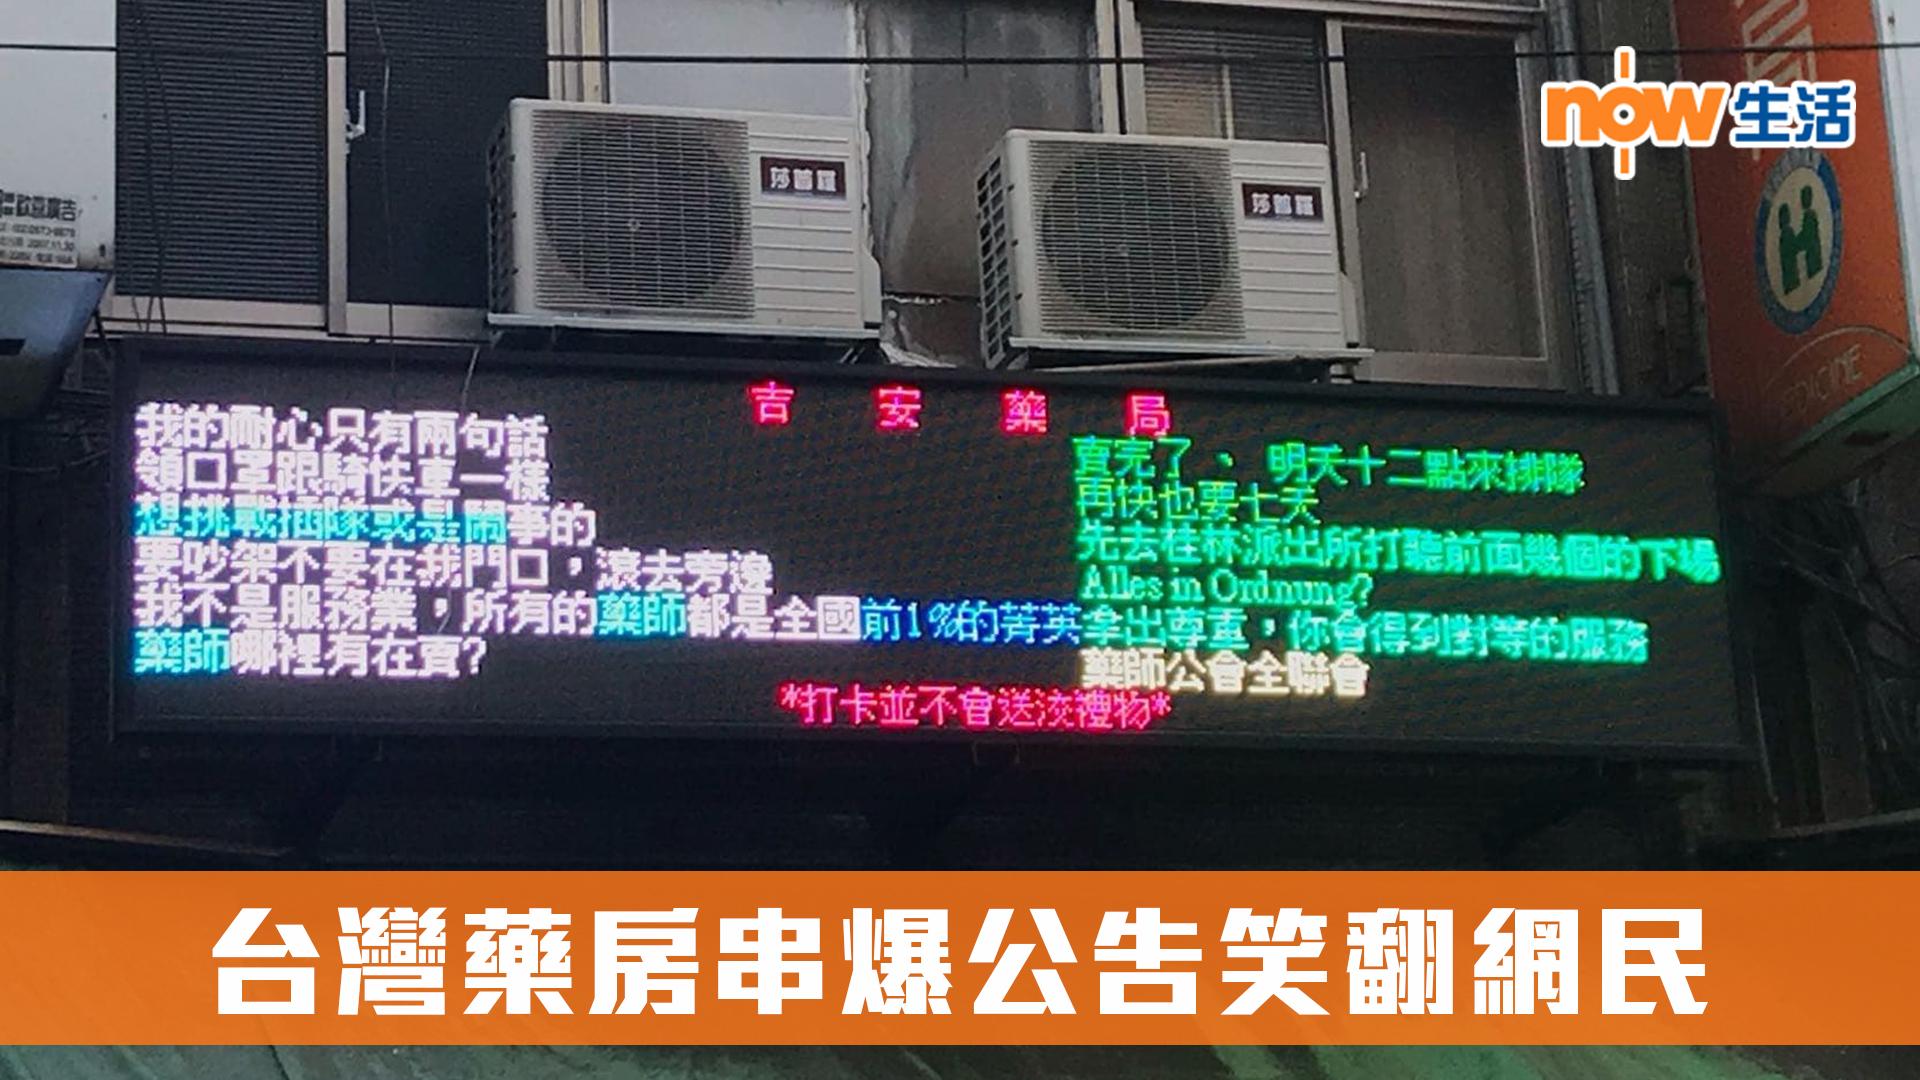 最有性格台灣藥房 串爆公告提客人跟規矩領口罩